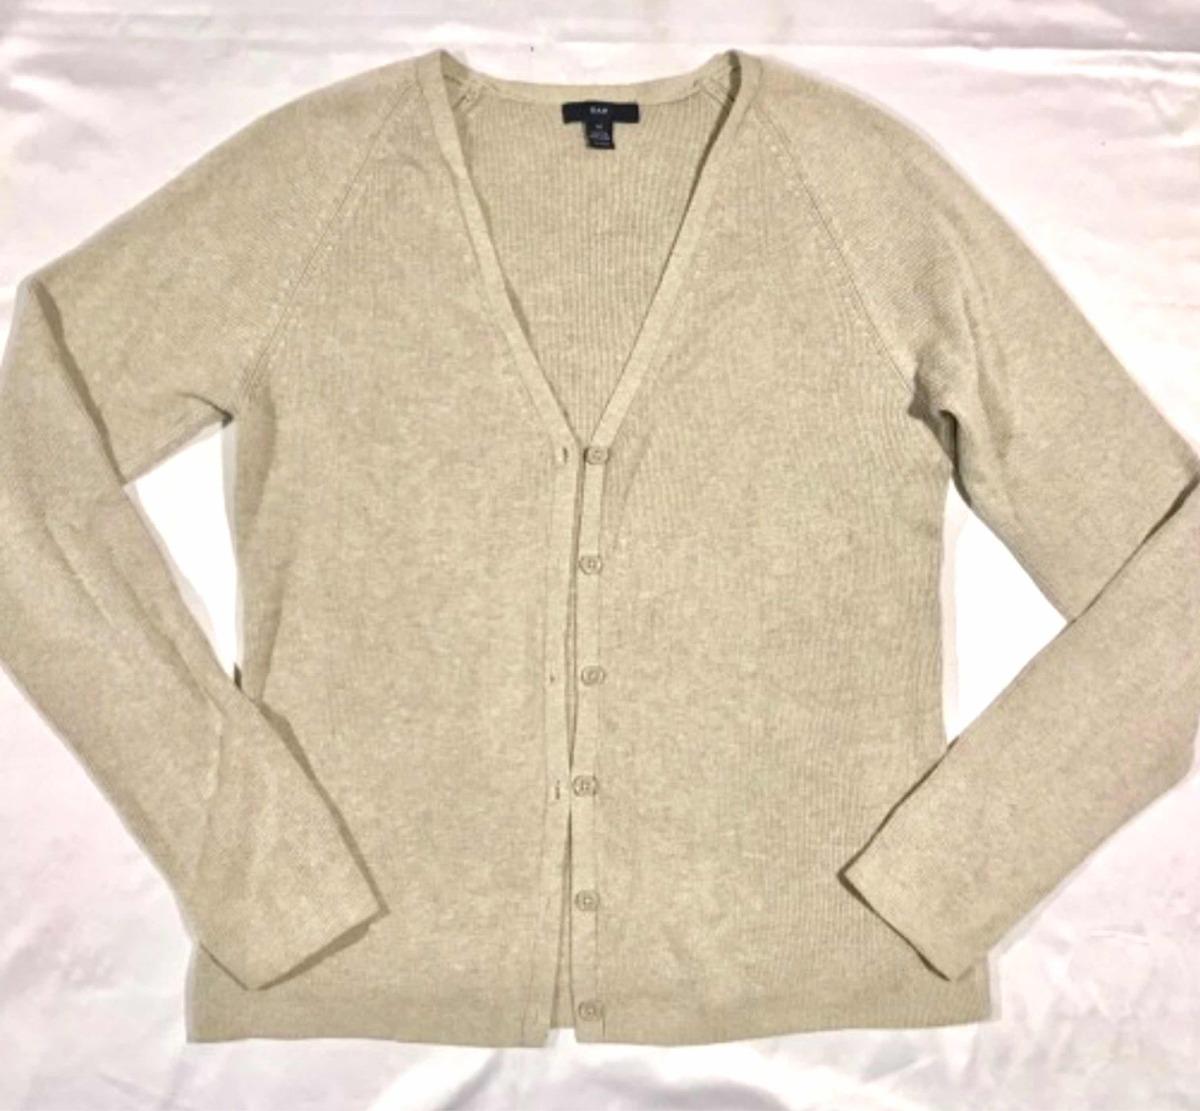 Sweater Importado Gap Conjunto 2 Piezas Saco Y Musculosa -   780 13bc7665ffce